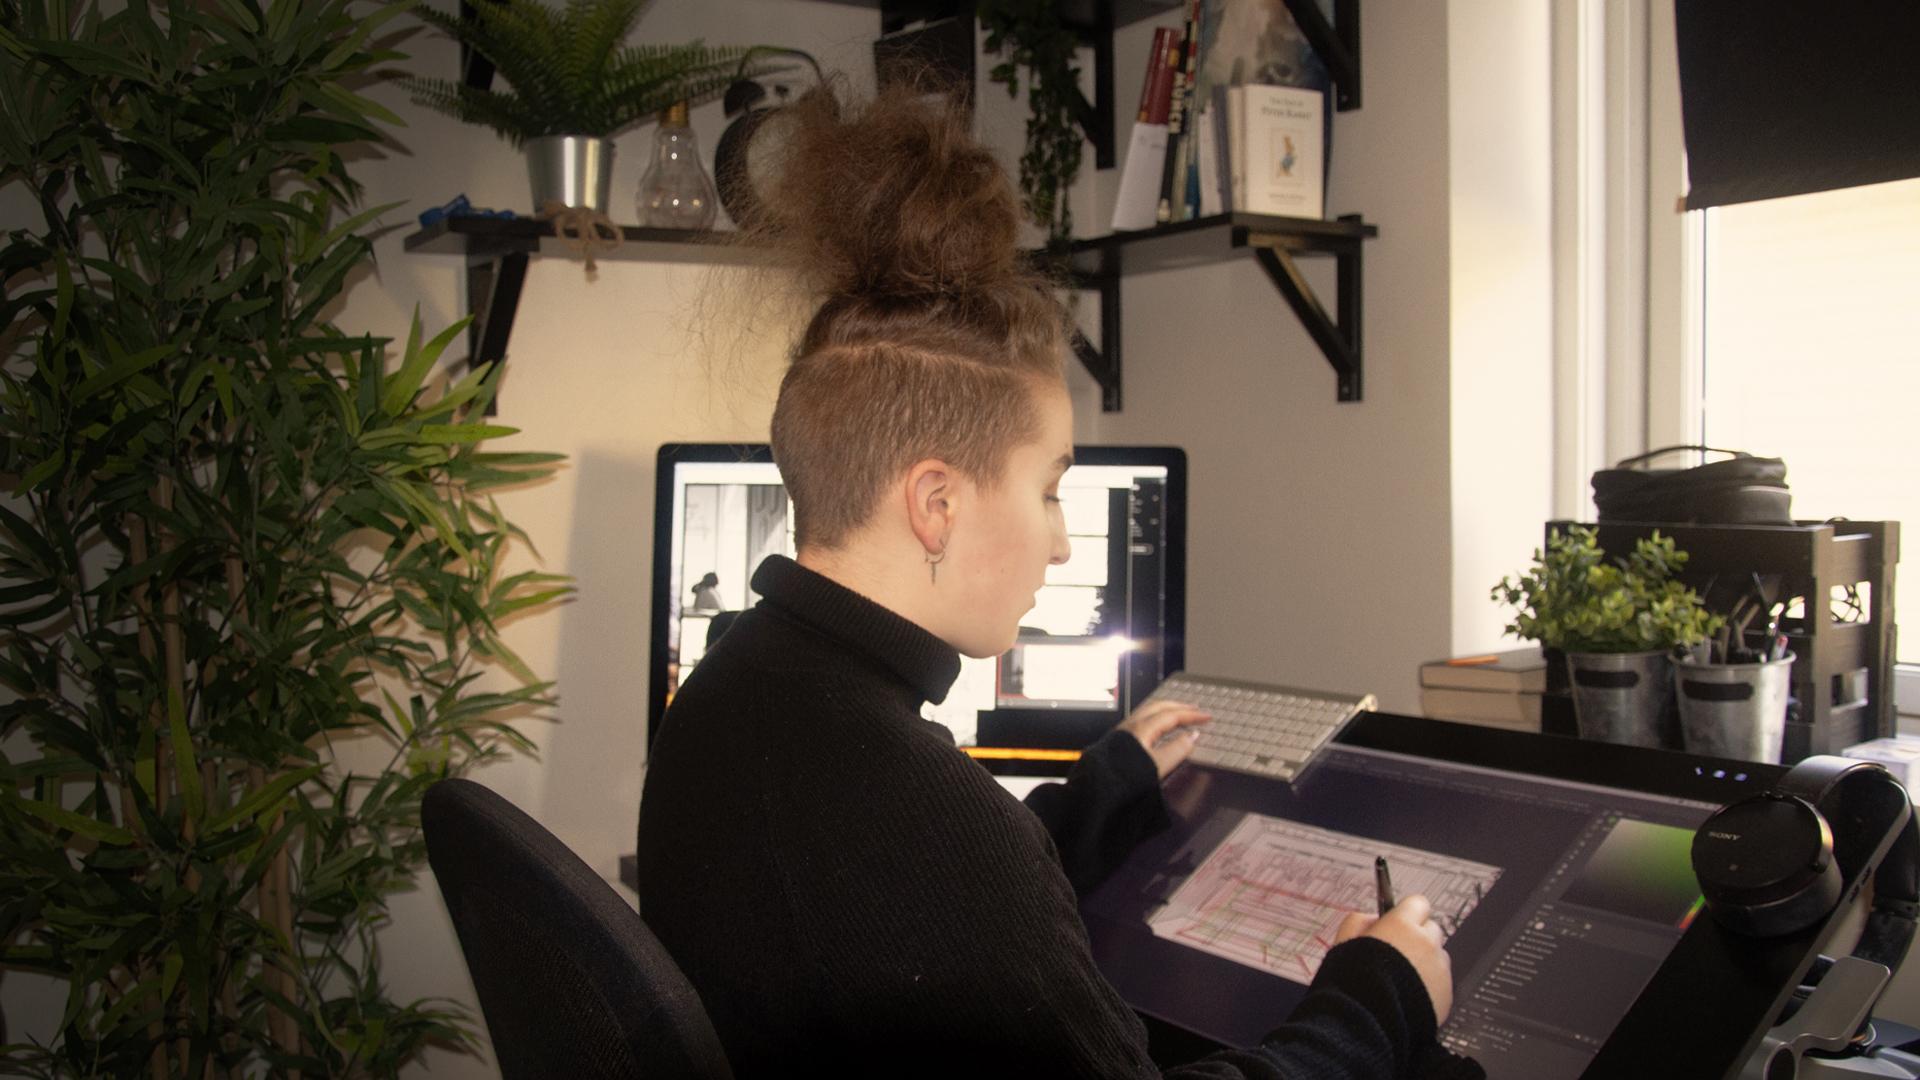 Samarbeider om å lage animasjonsfilm fra hvert sitt hjem